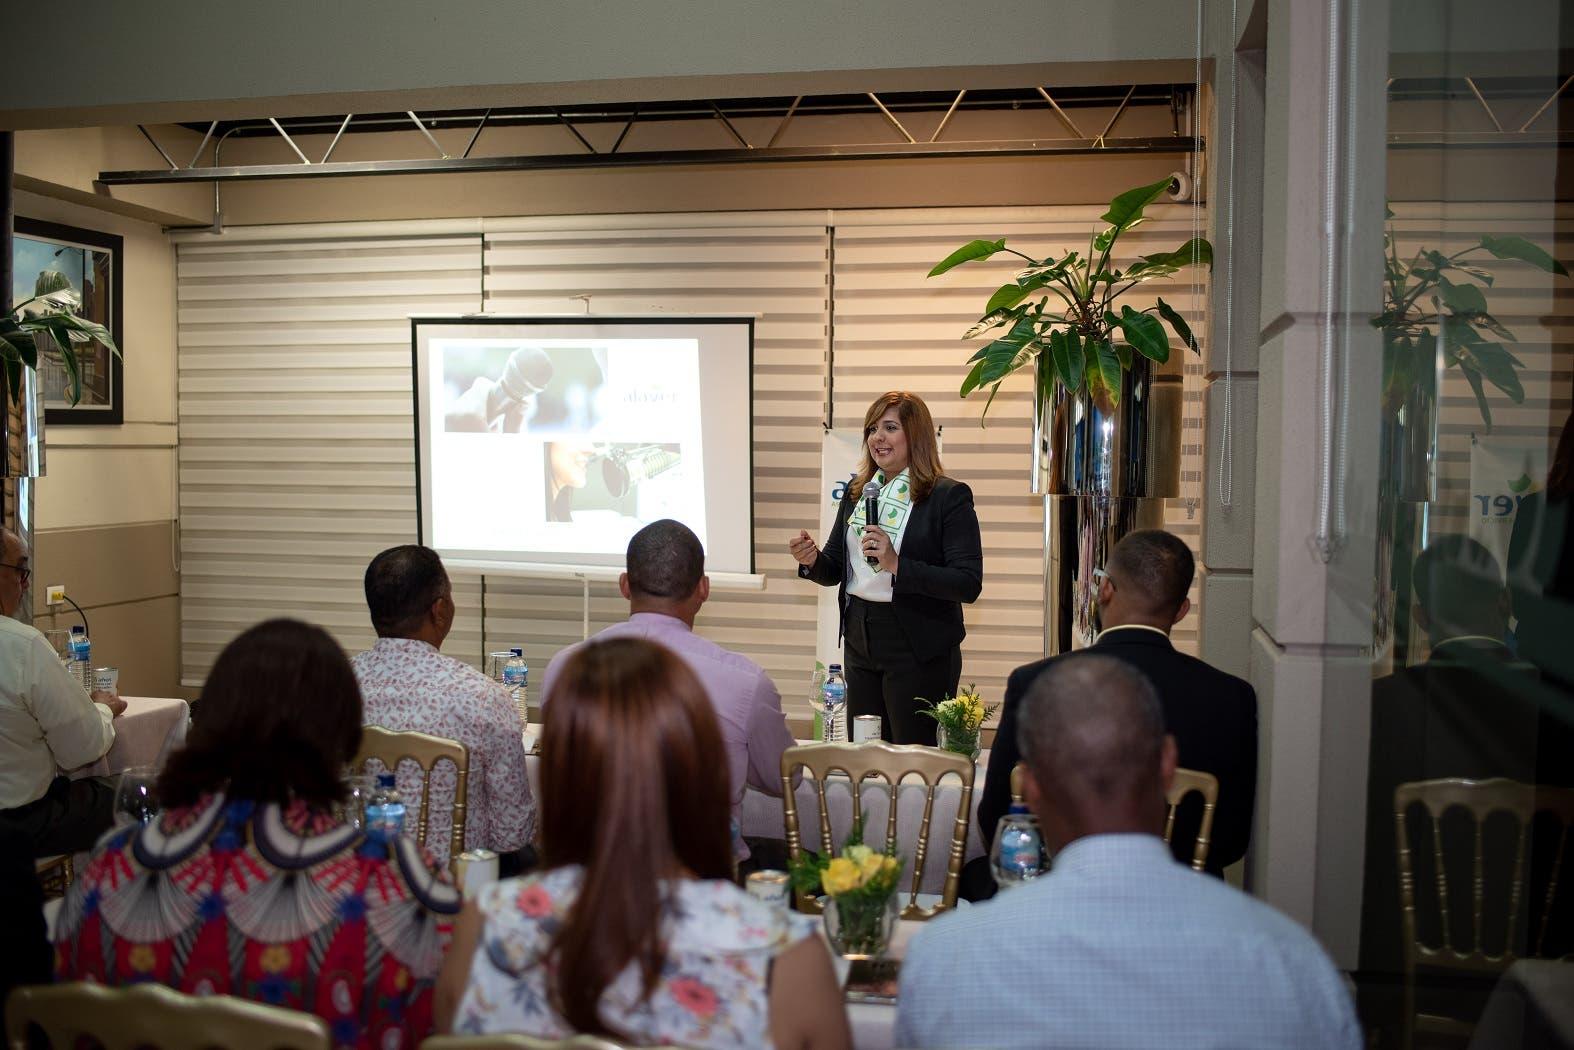 La actividad fue conducida por Irlonca Tavárez, Vicepresidenta de Negocios de ALAVER.